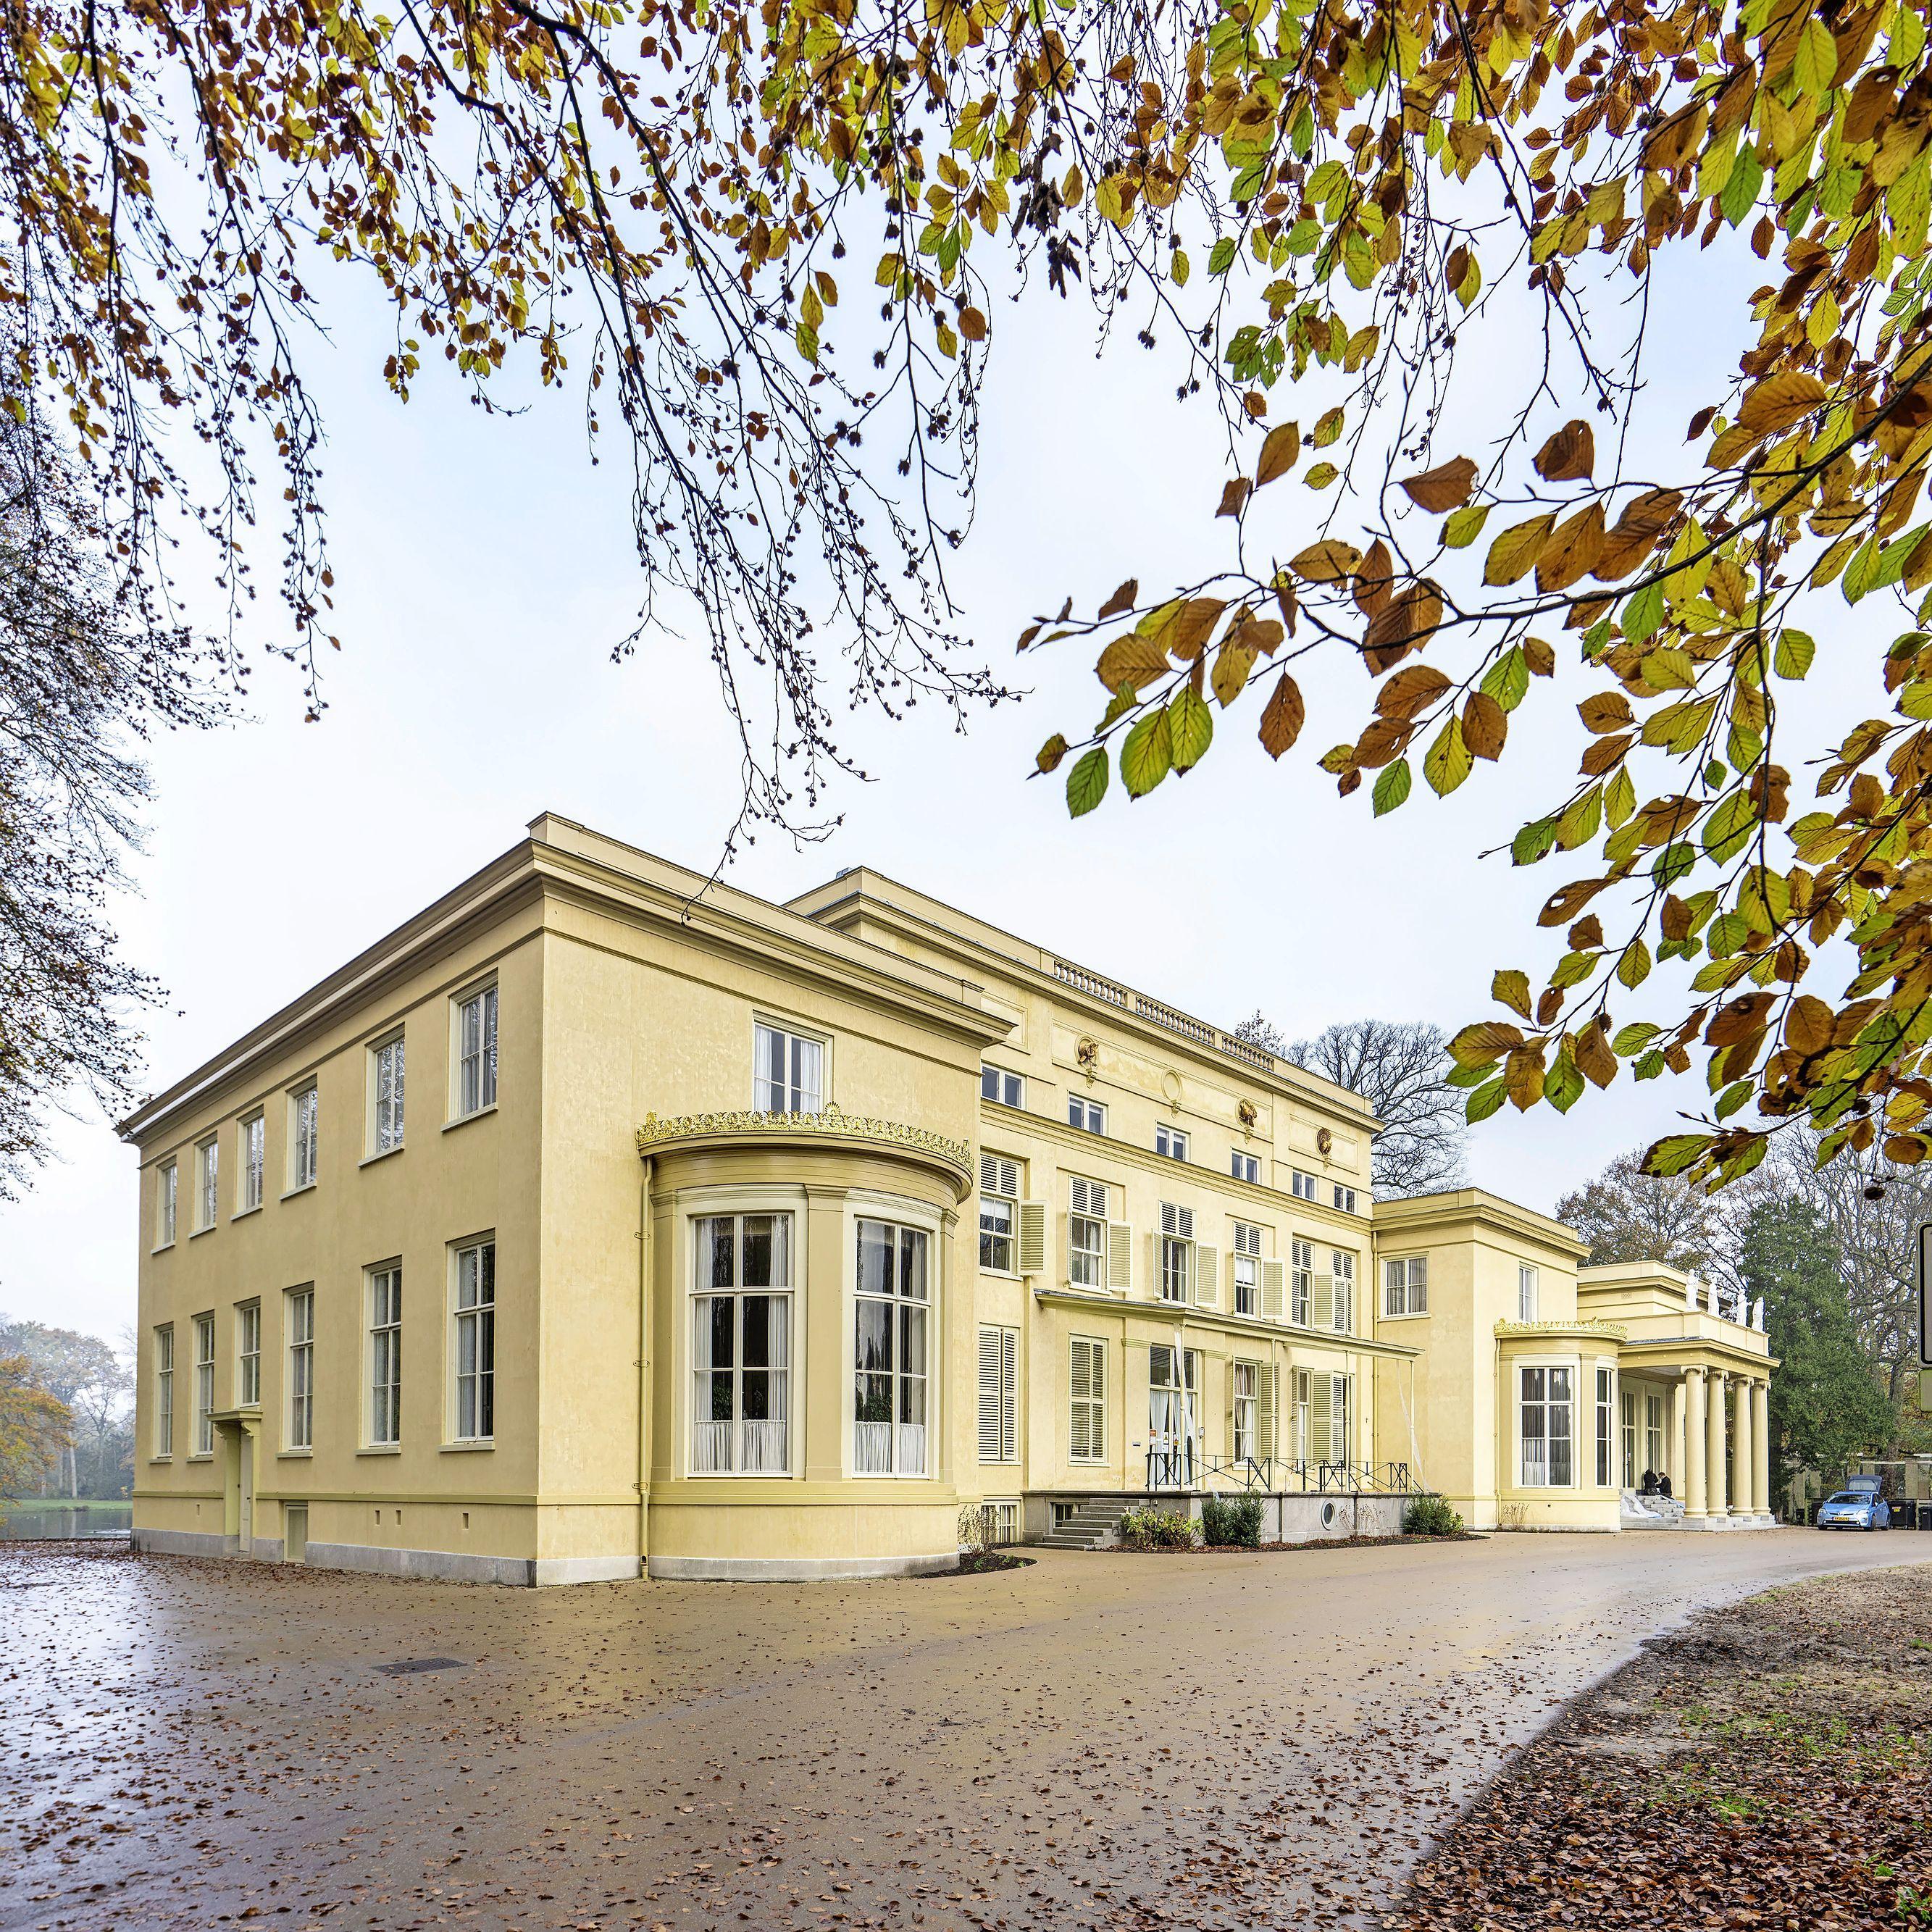 Restauratie binnenzijde De Paauw Wassenaar duurt van 2023 tot 2026: gemeentebestuur tijdelijk naar elders